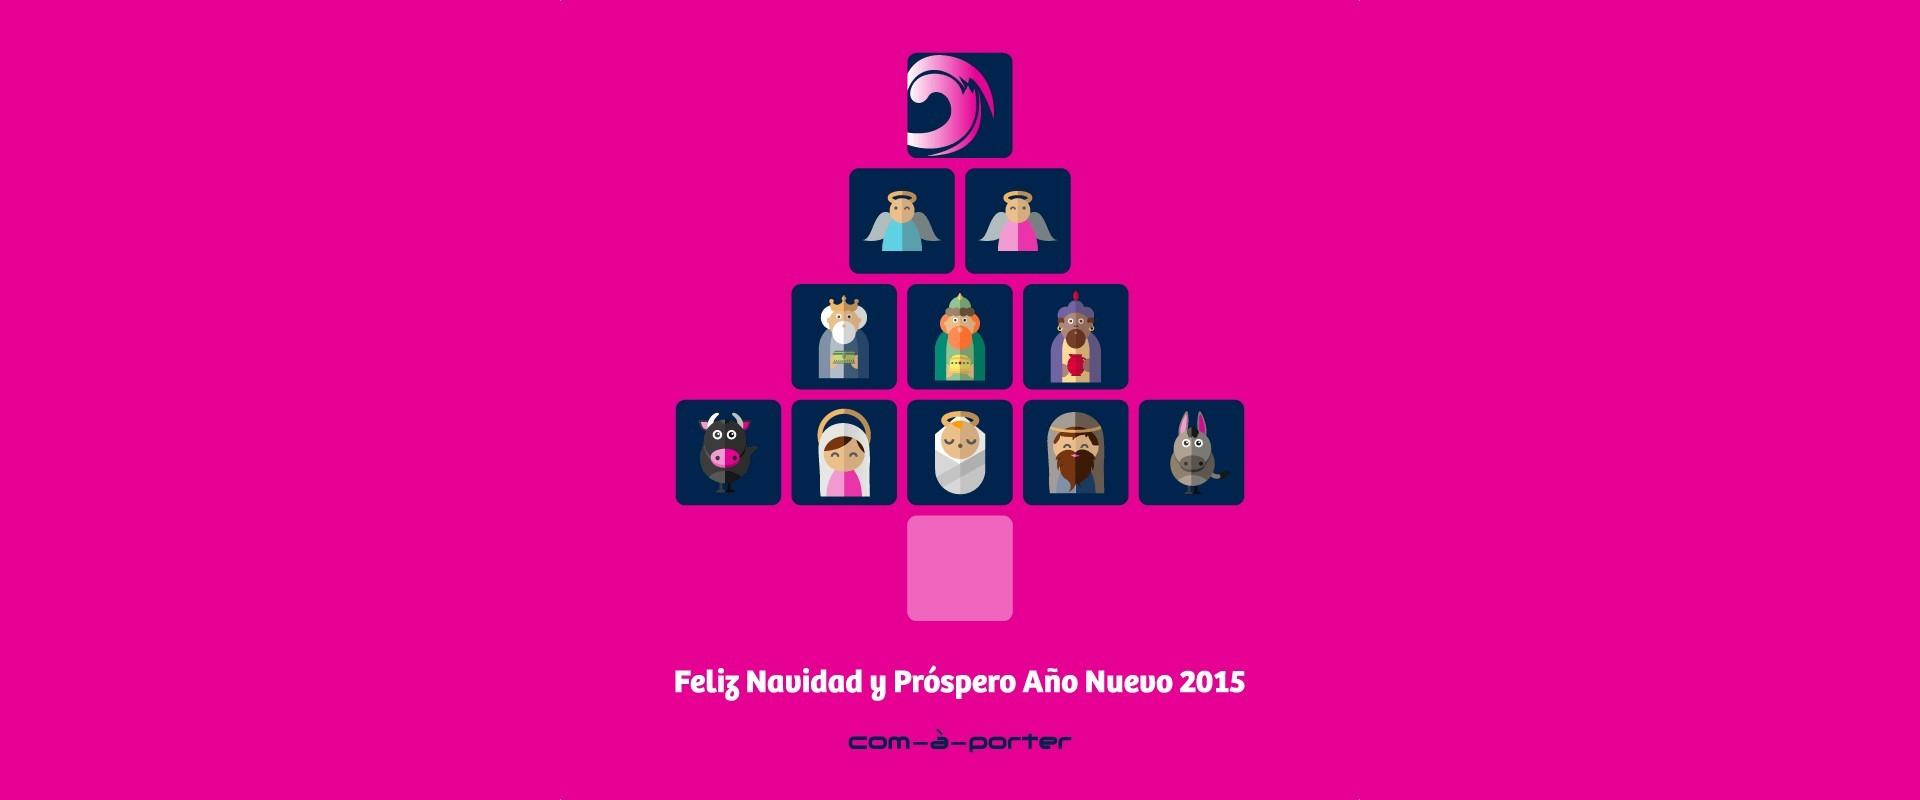 Com-à-porter os desea Feliz Navidad y próspero 2015